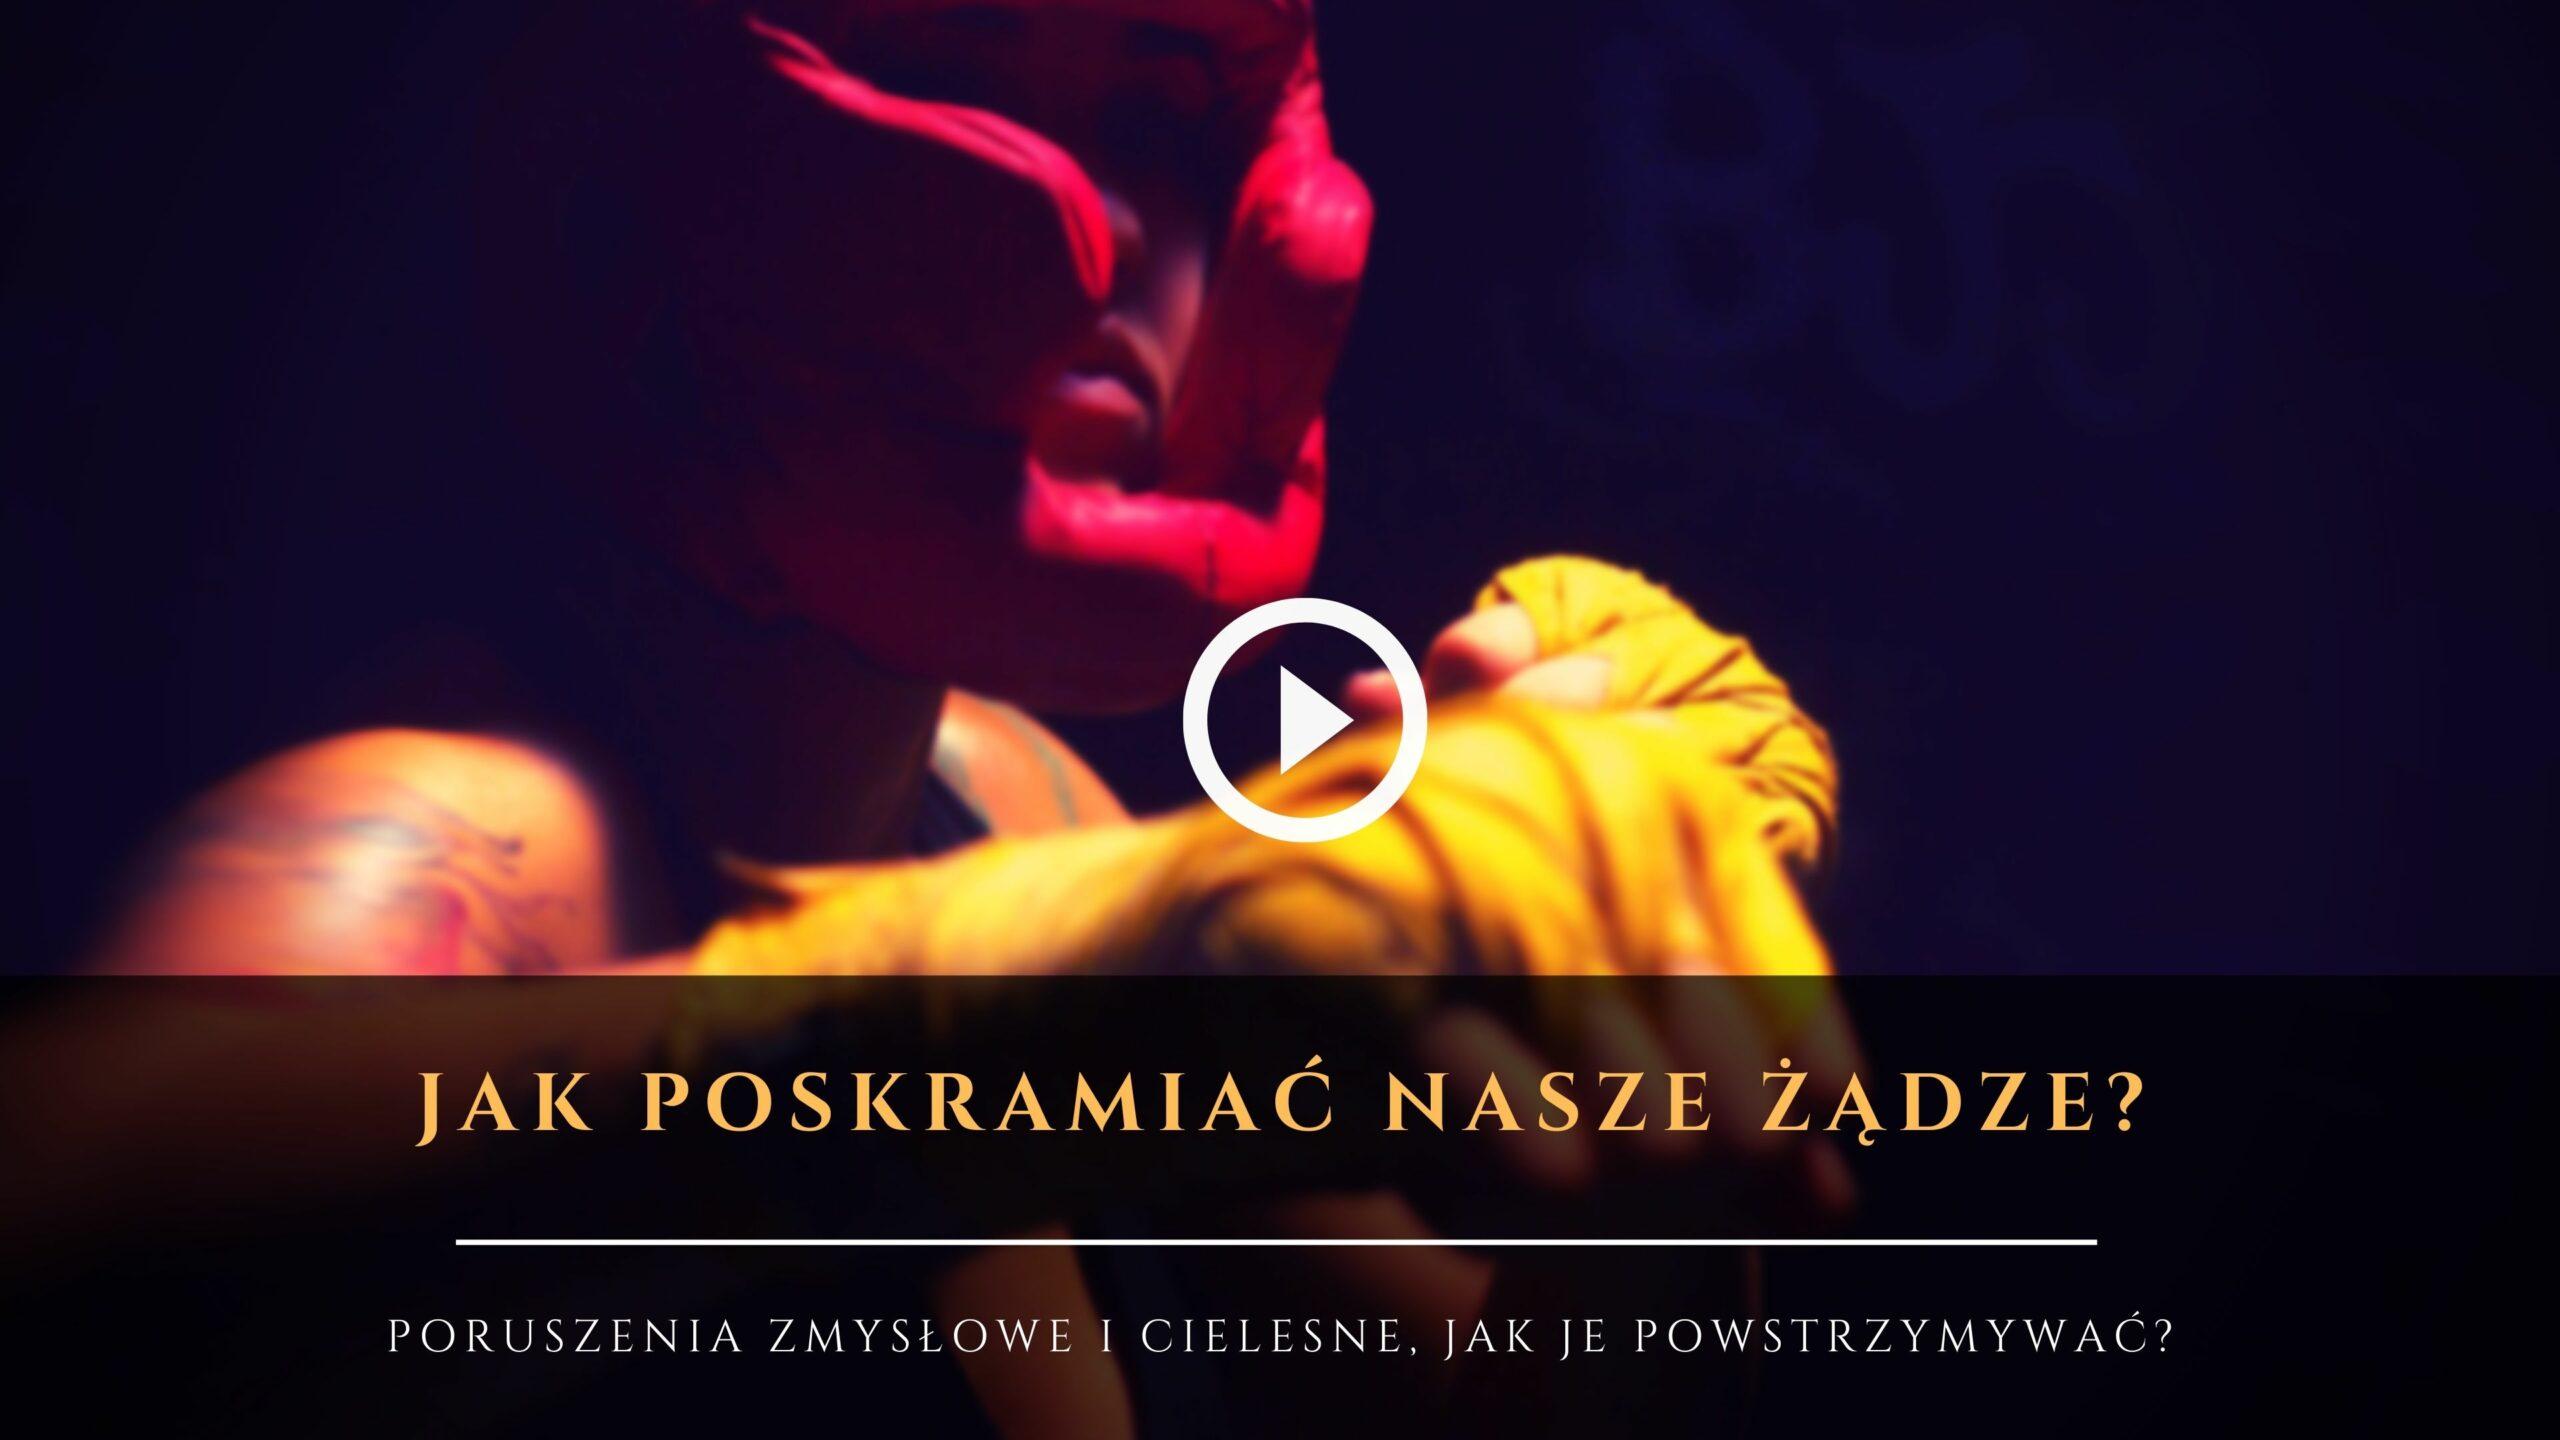 Jak poskramiać Żądze Zmysłowe wideo - Dzikie Żądze - www.naukikatolickie.pl